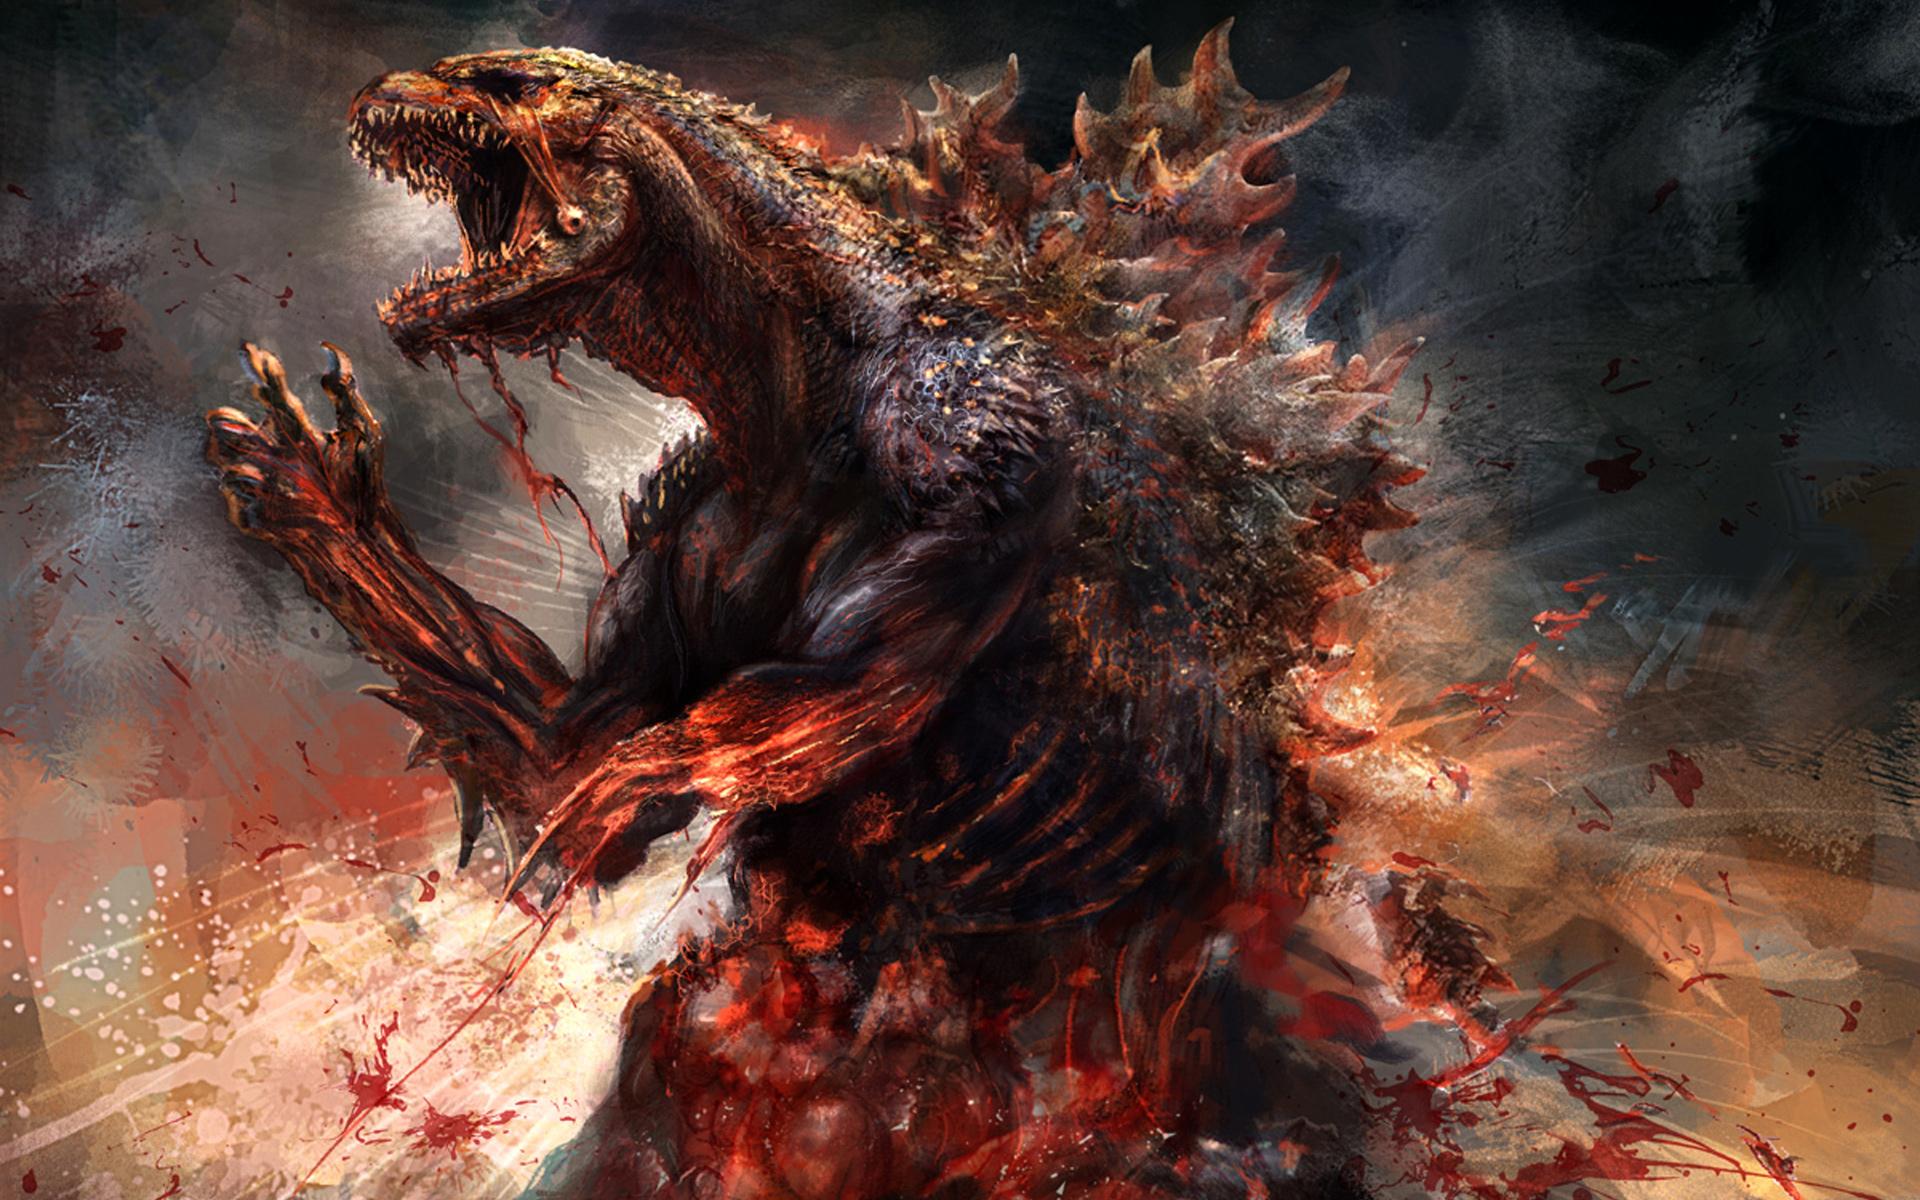 <b>2016 Godzilla Wallpaper</b>